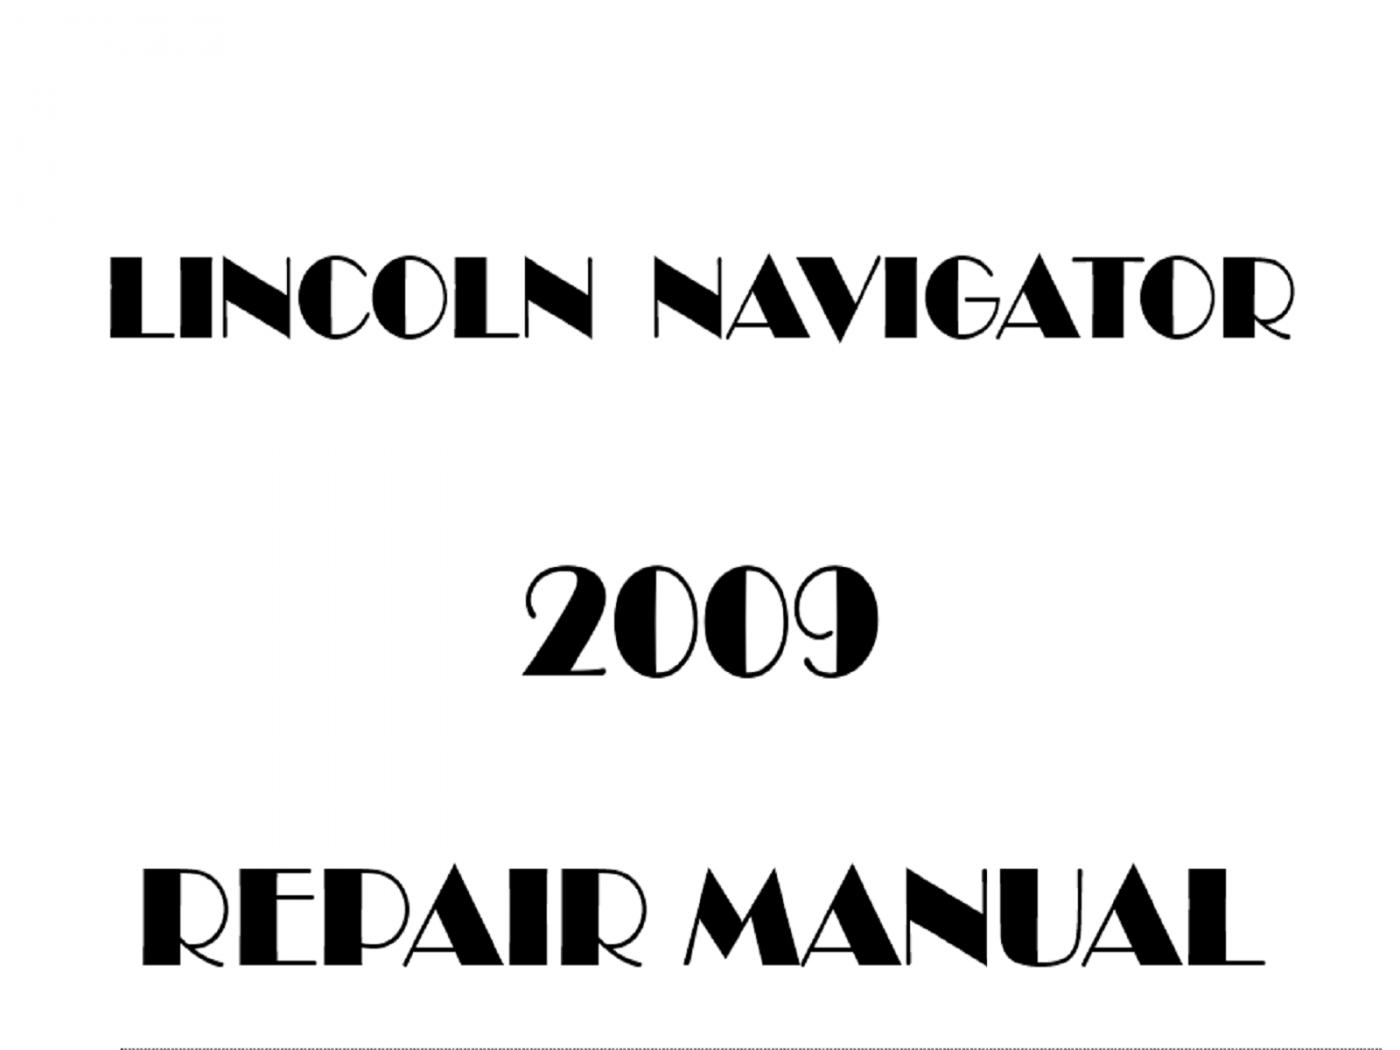 2009 Lincoln Navigator repair manual